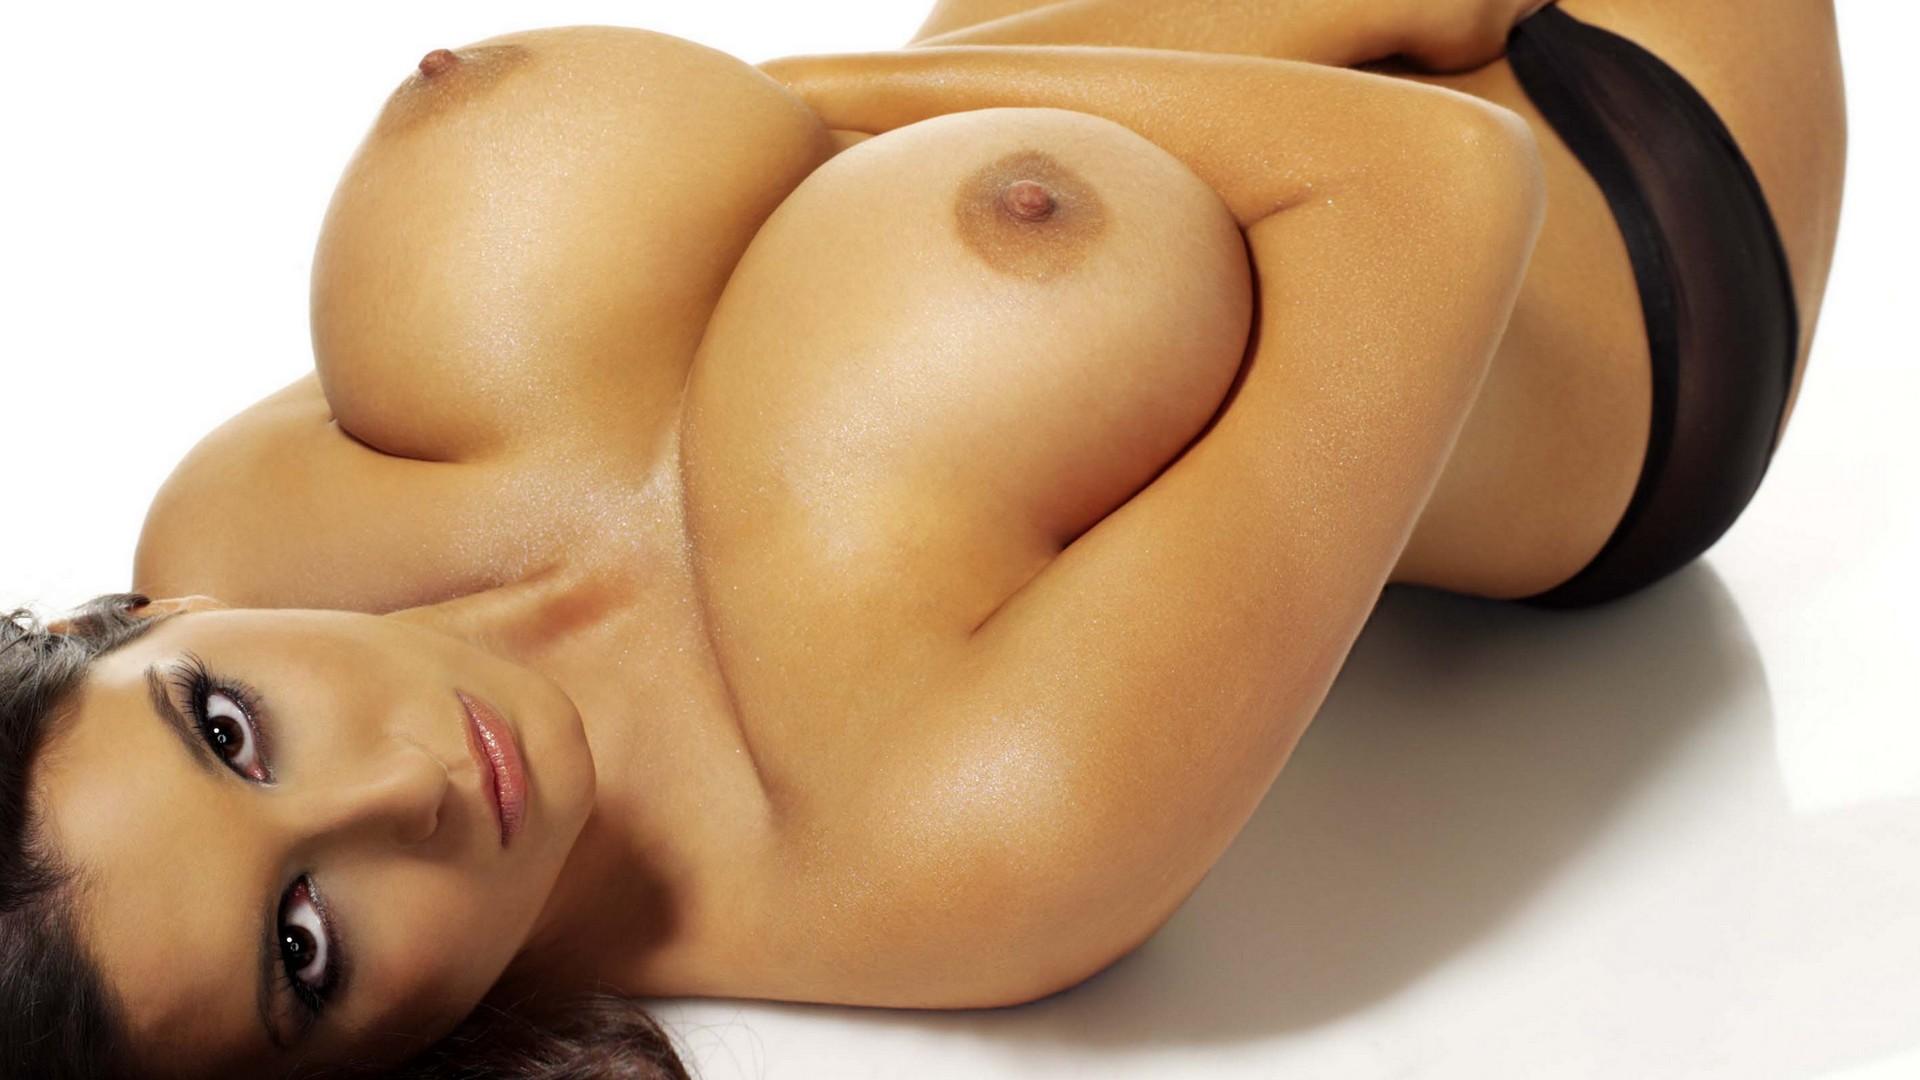 Эротика москва голые грудь сиська